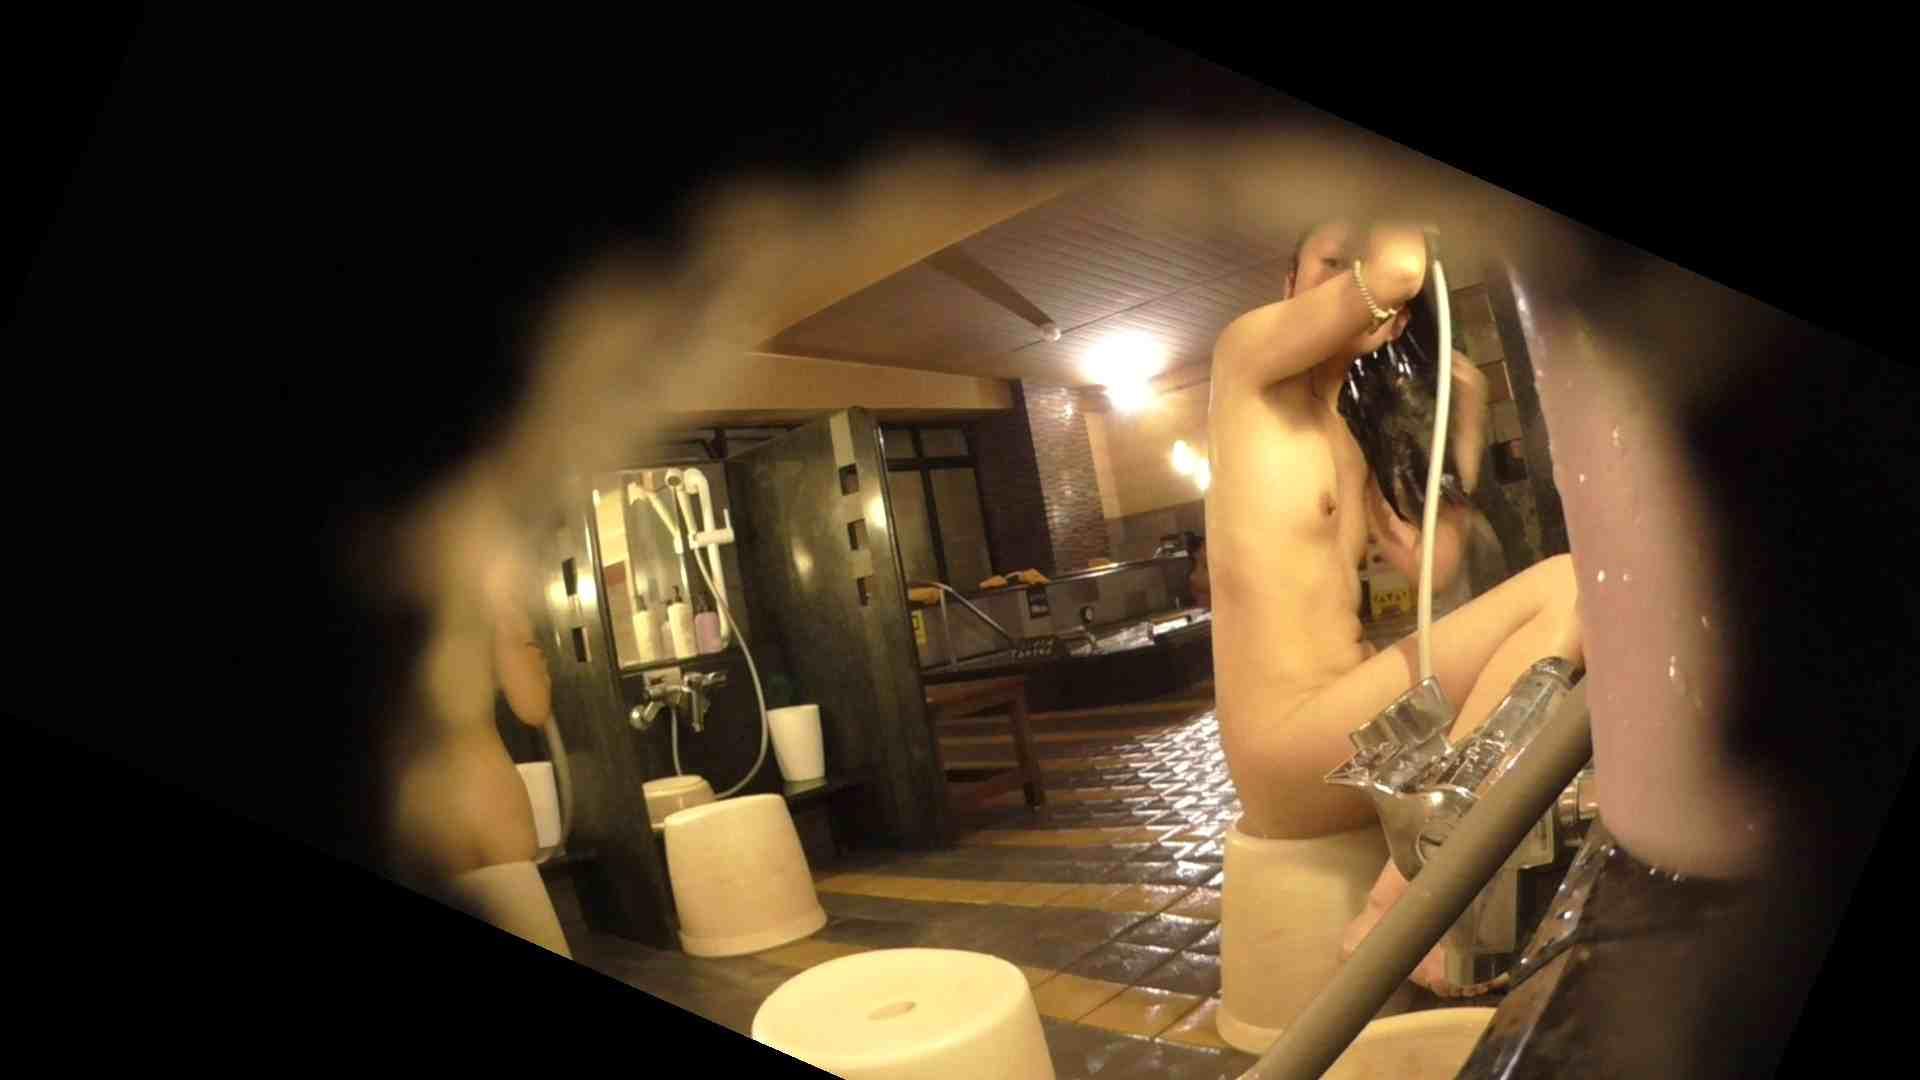 お風呂HEROの助手 vol.04 美乳 AV無料動画キャプチャ 88画像 88